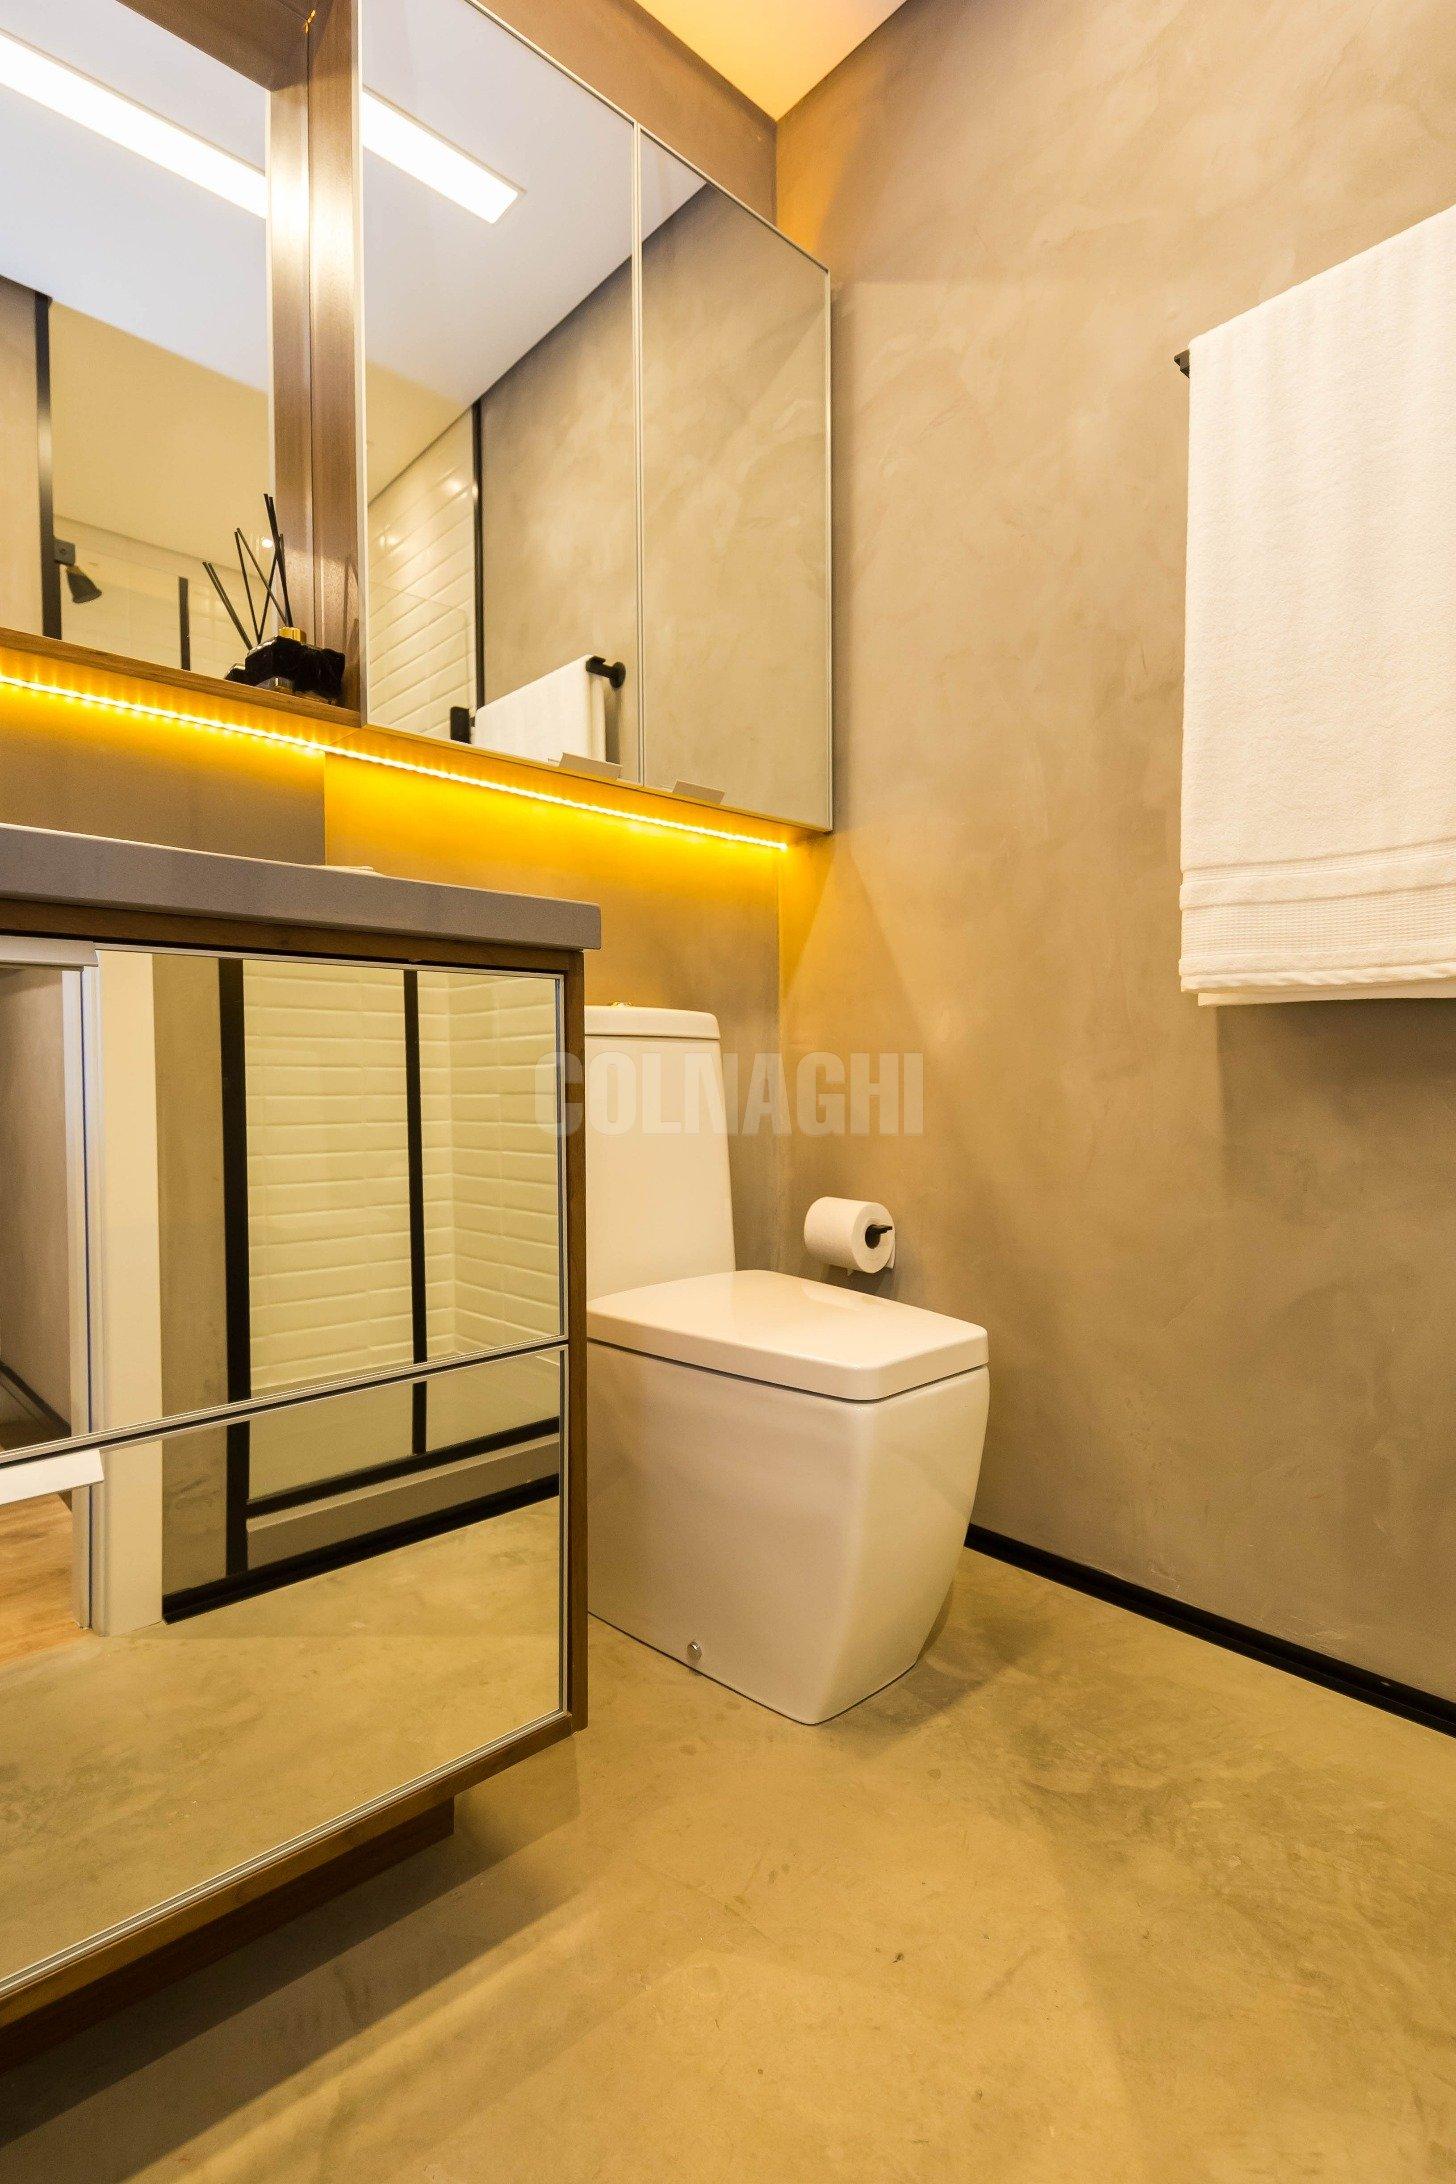 Ny 205 de 2 dormitórios em Auxiliadora, Porto Alegre - RS